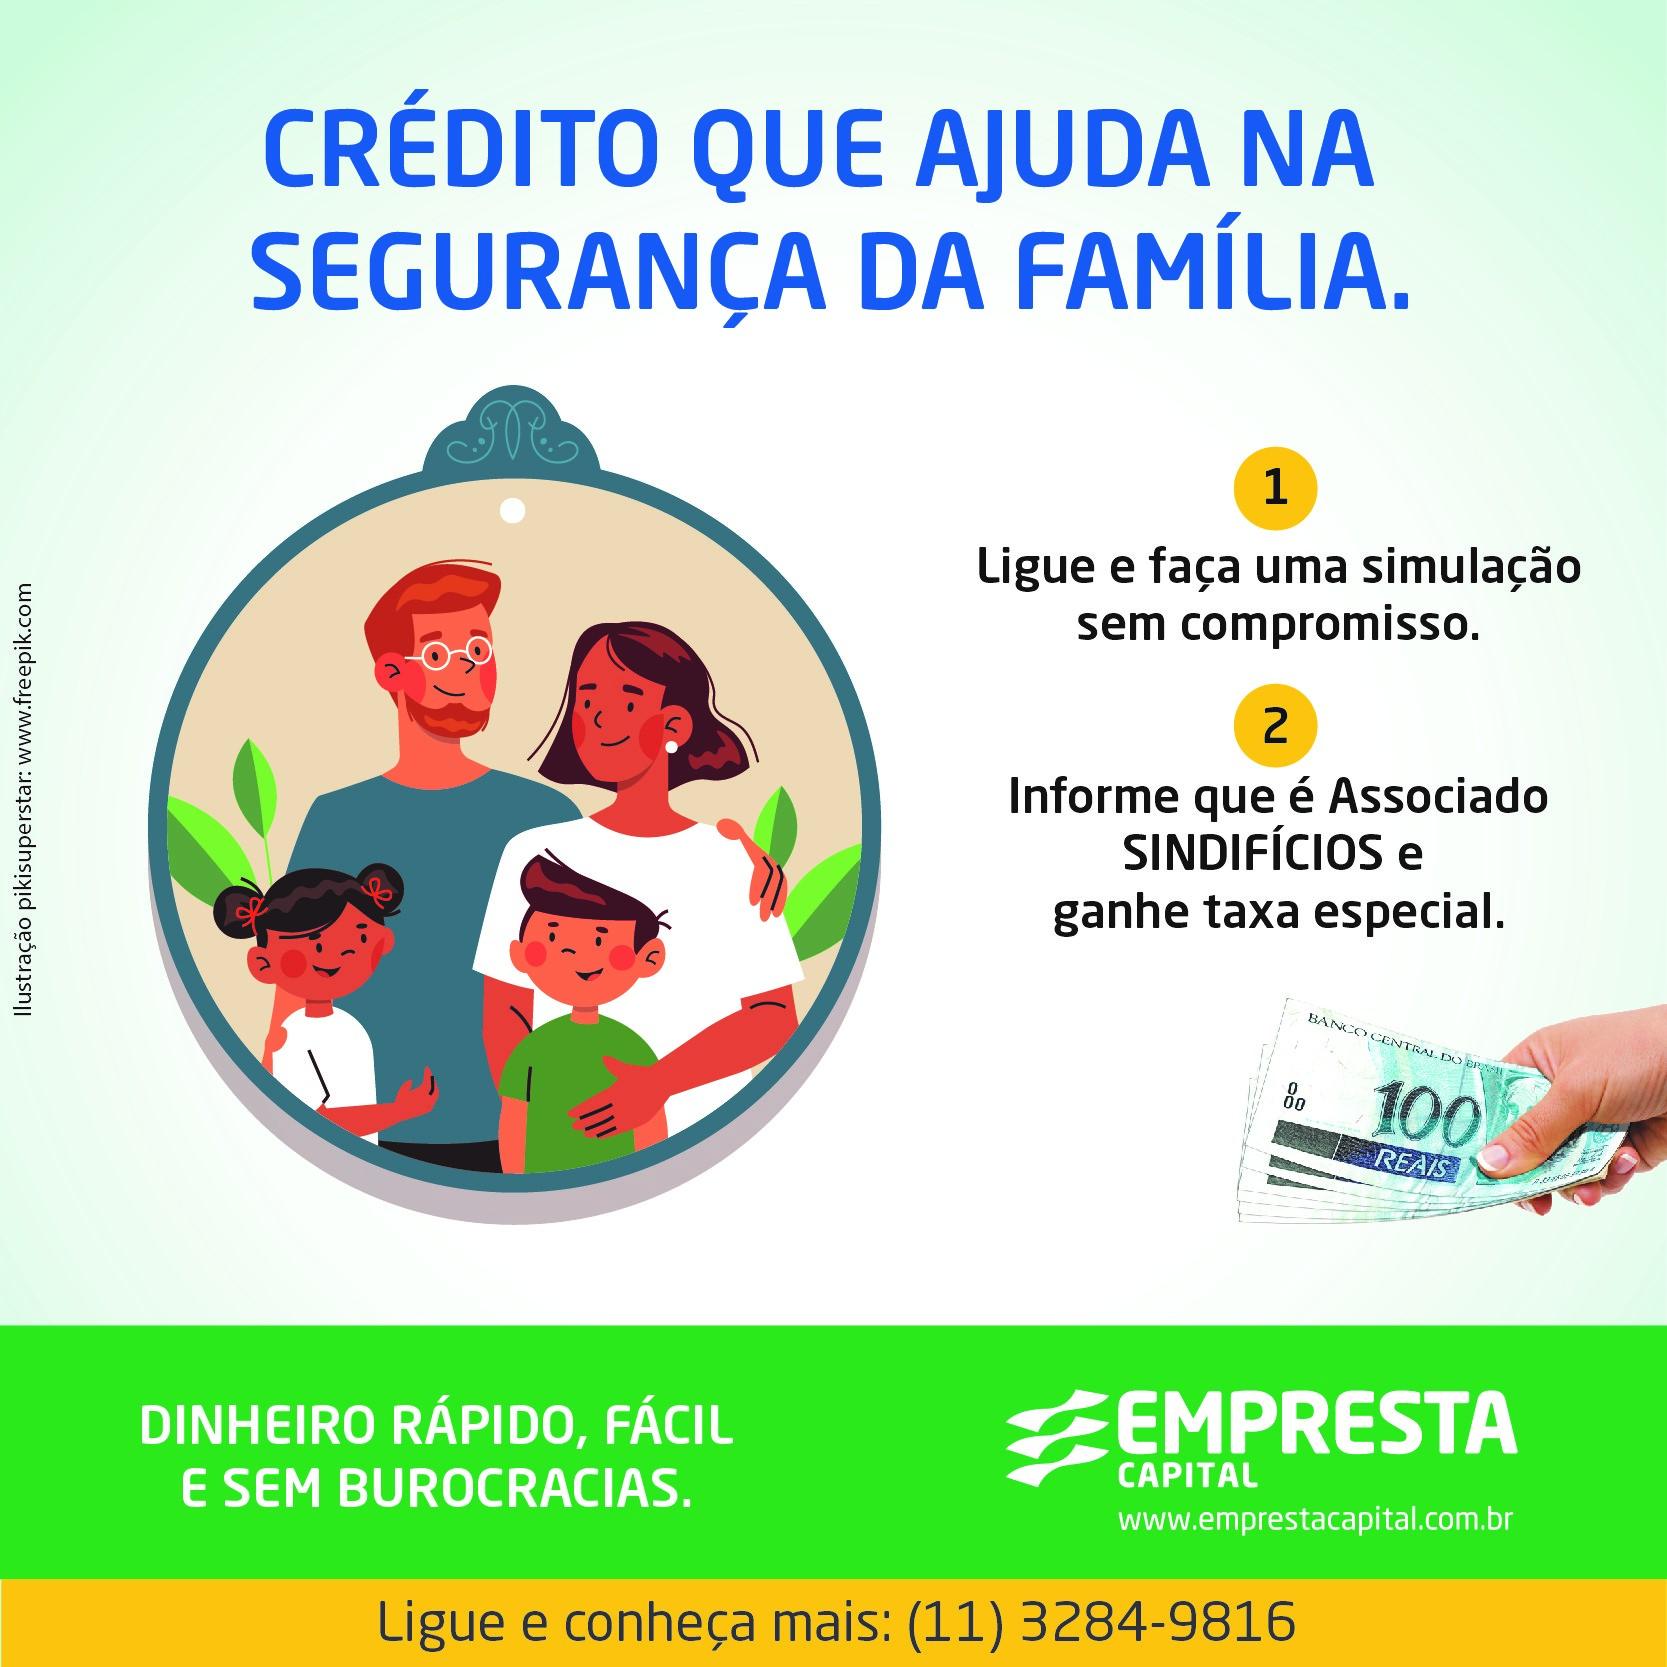 Crédito que ajuda na segurança da família